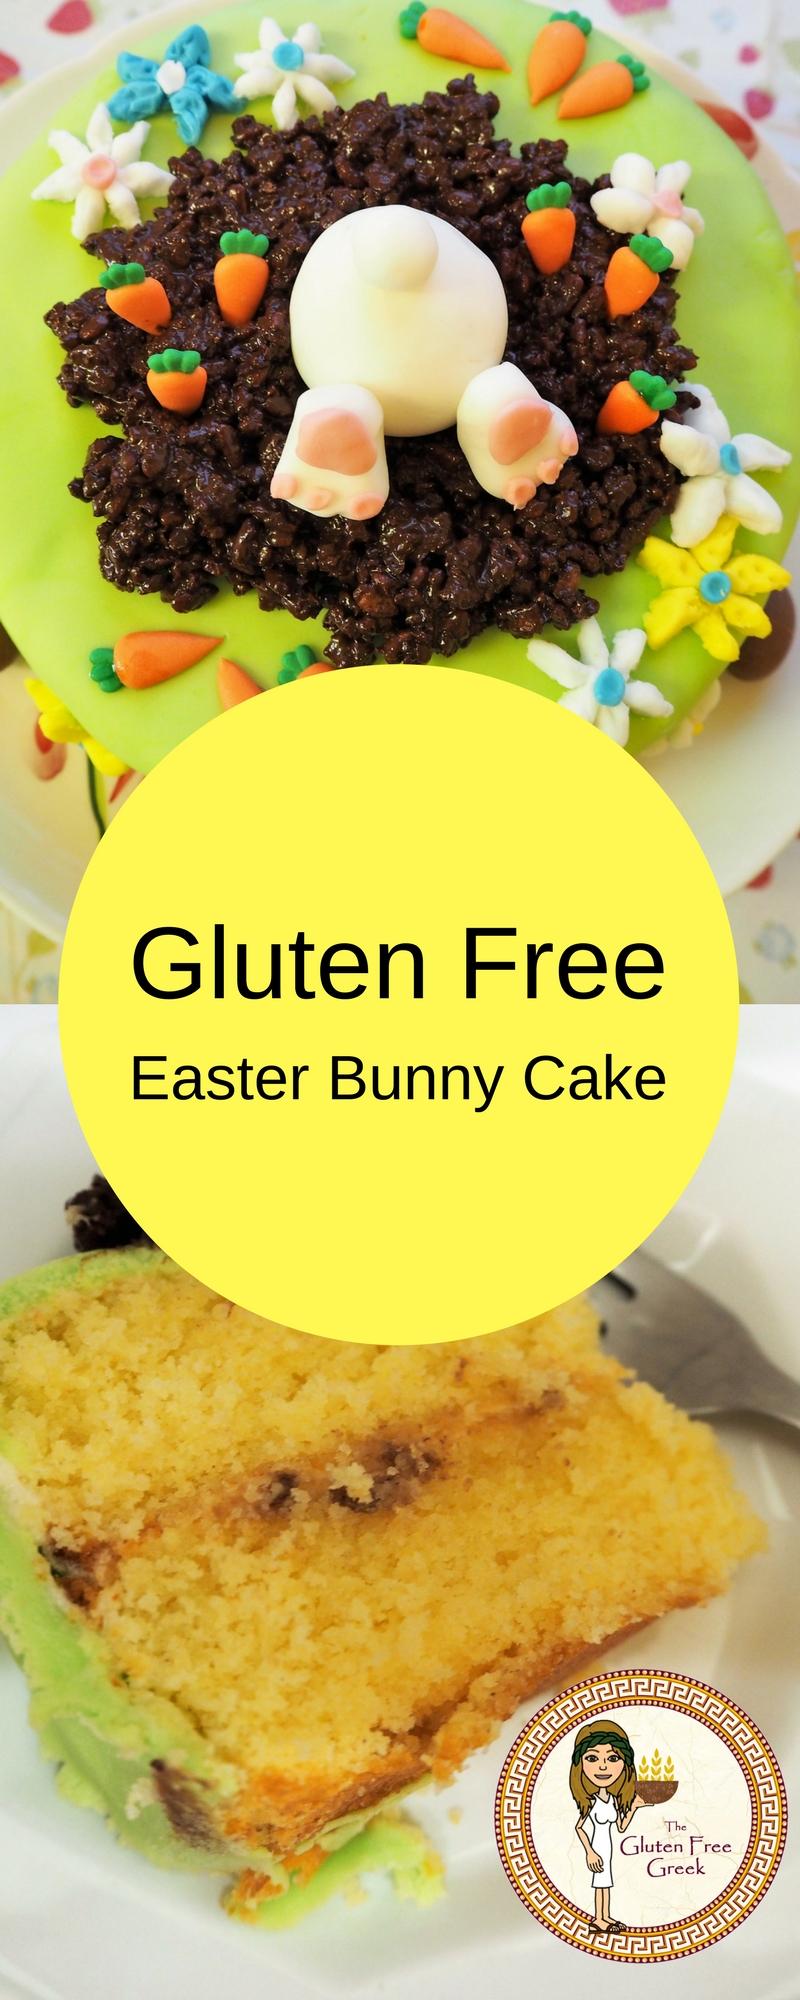 Gluten Free Easter Bunny Cake Pinterest